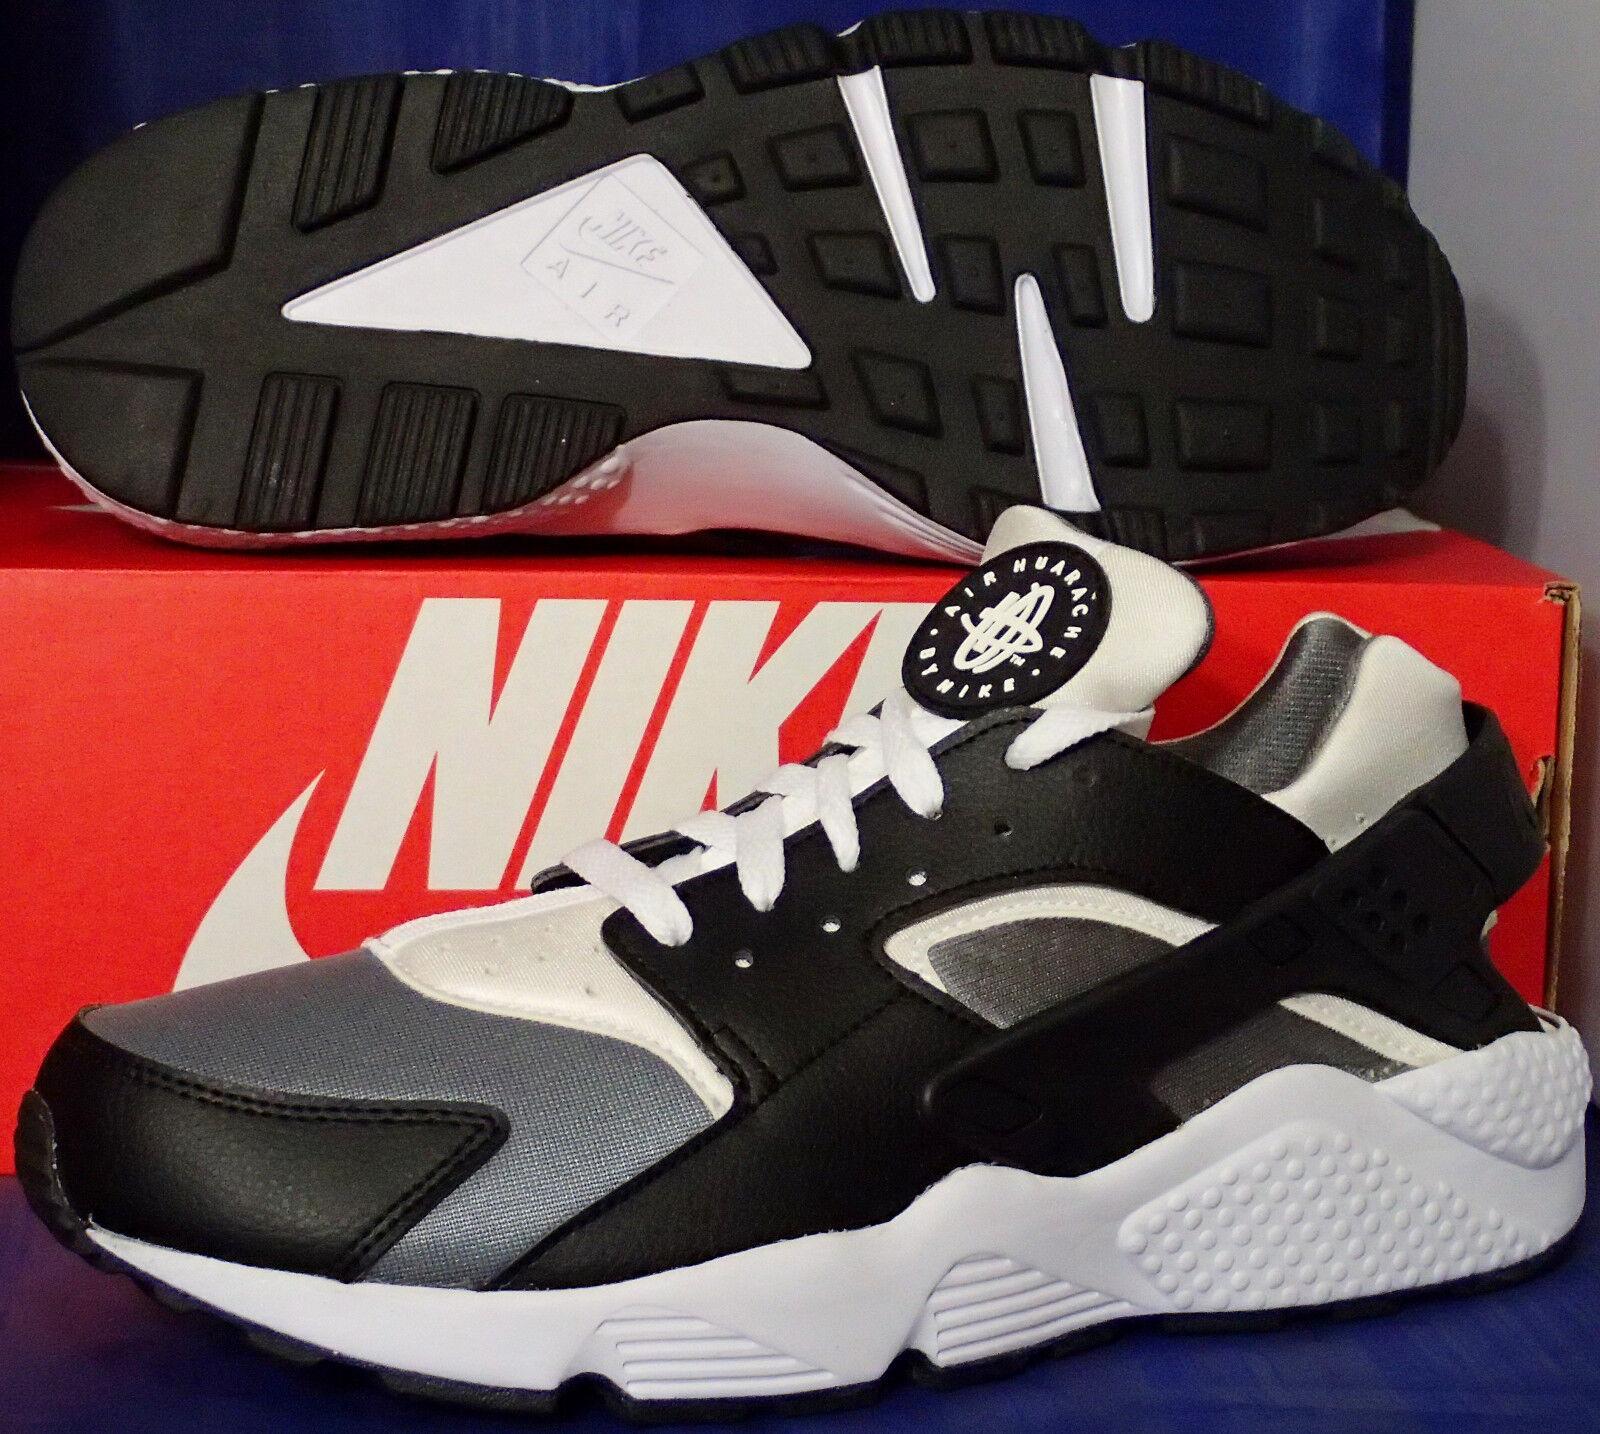 Nike air huarache grau lauf id schwarz - grau huarache - weiß preissenkung cool 30342a